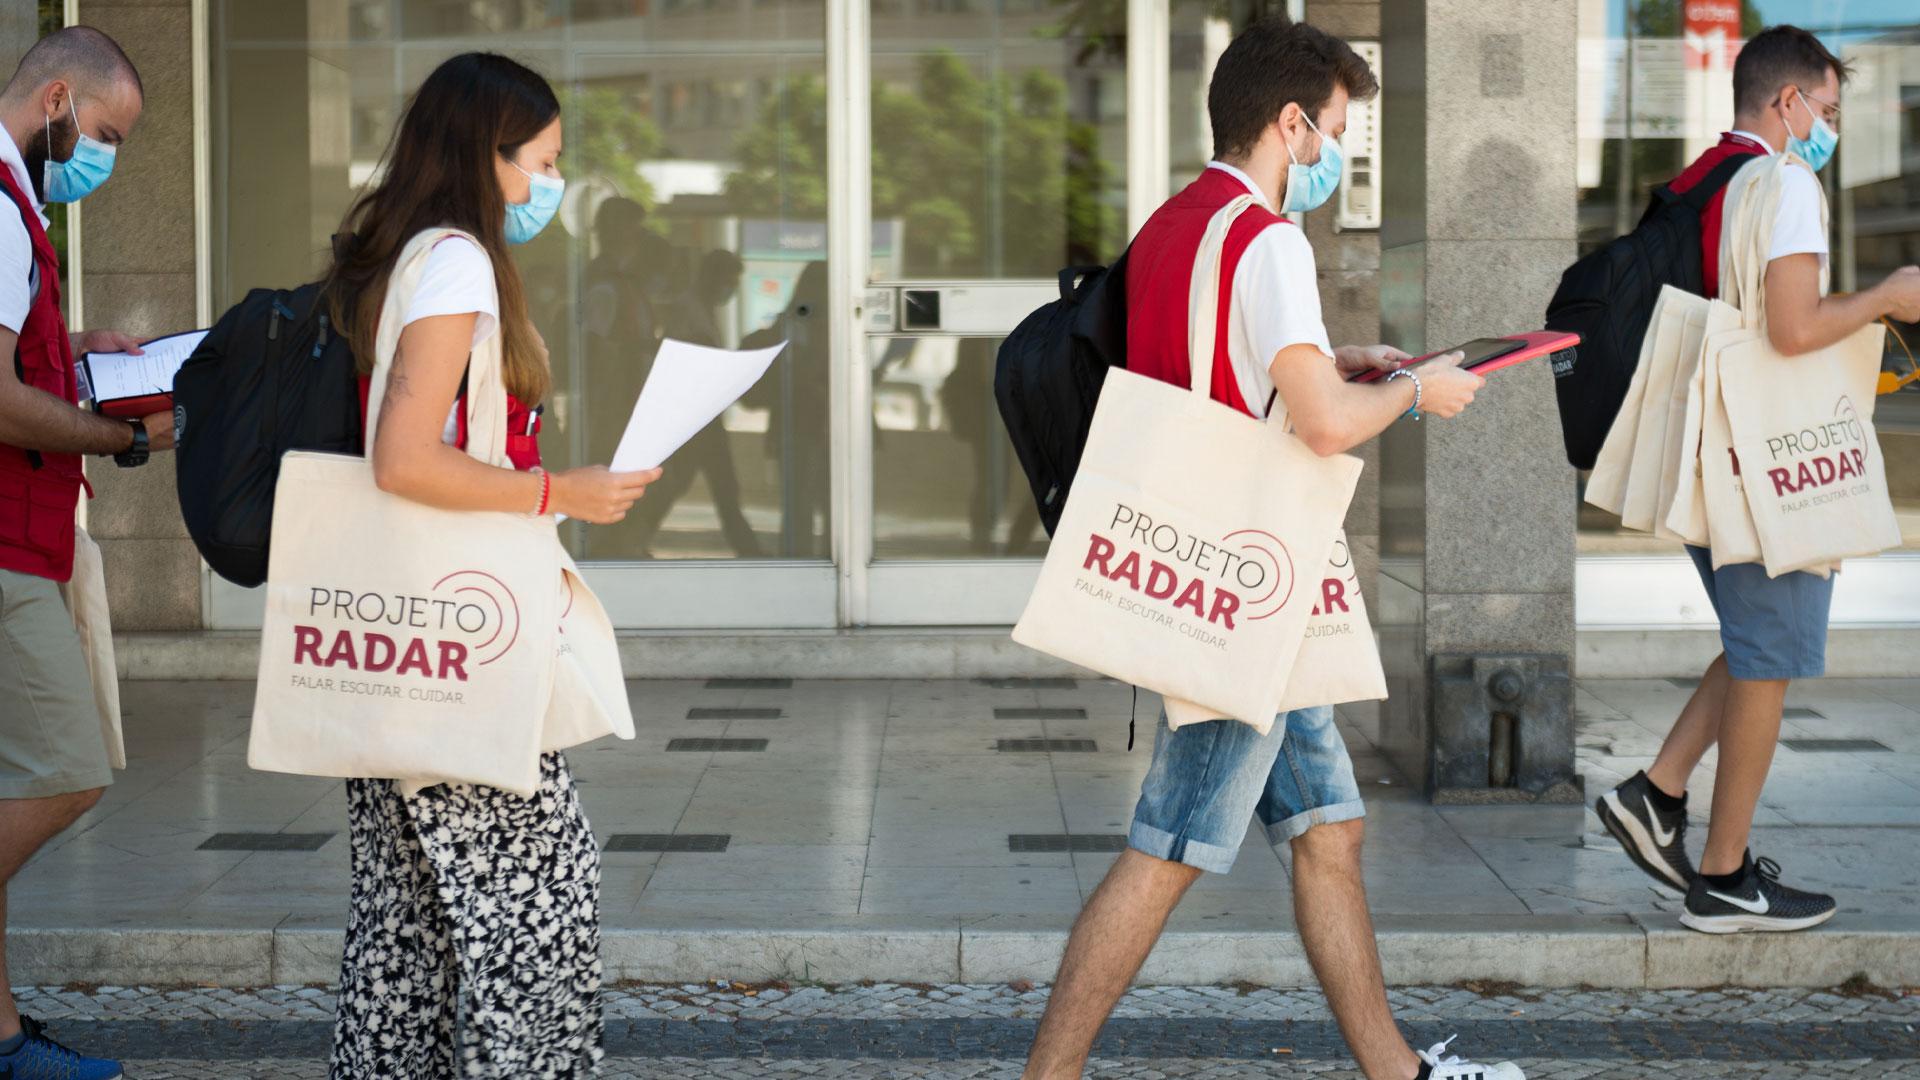 Voluntários do Radar percorrem ruas de lisboa